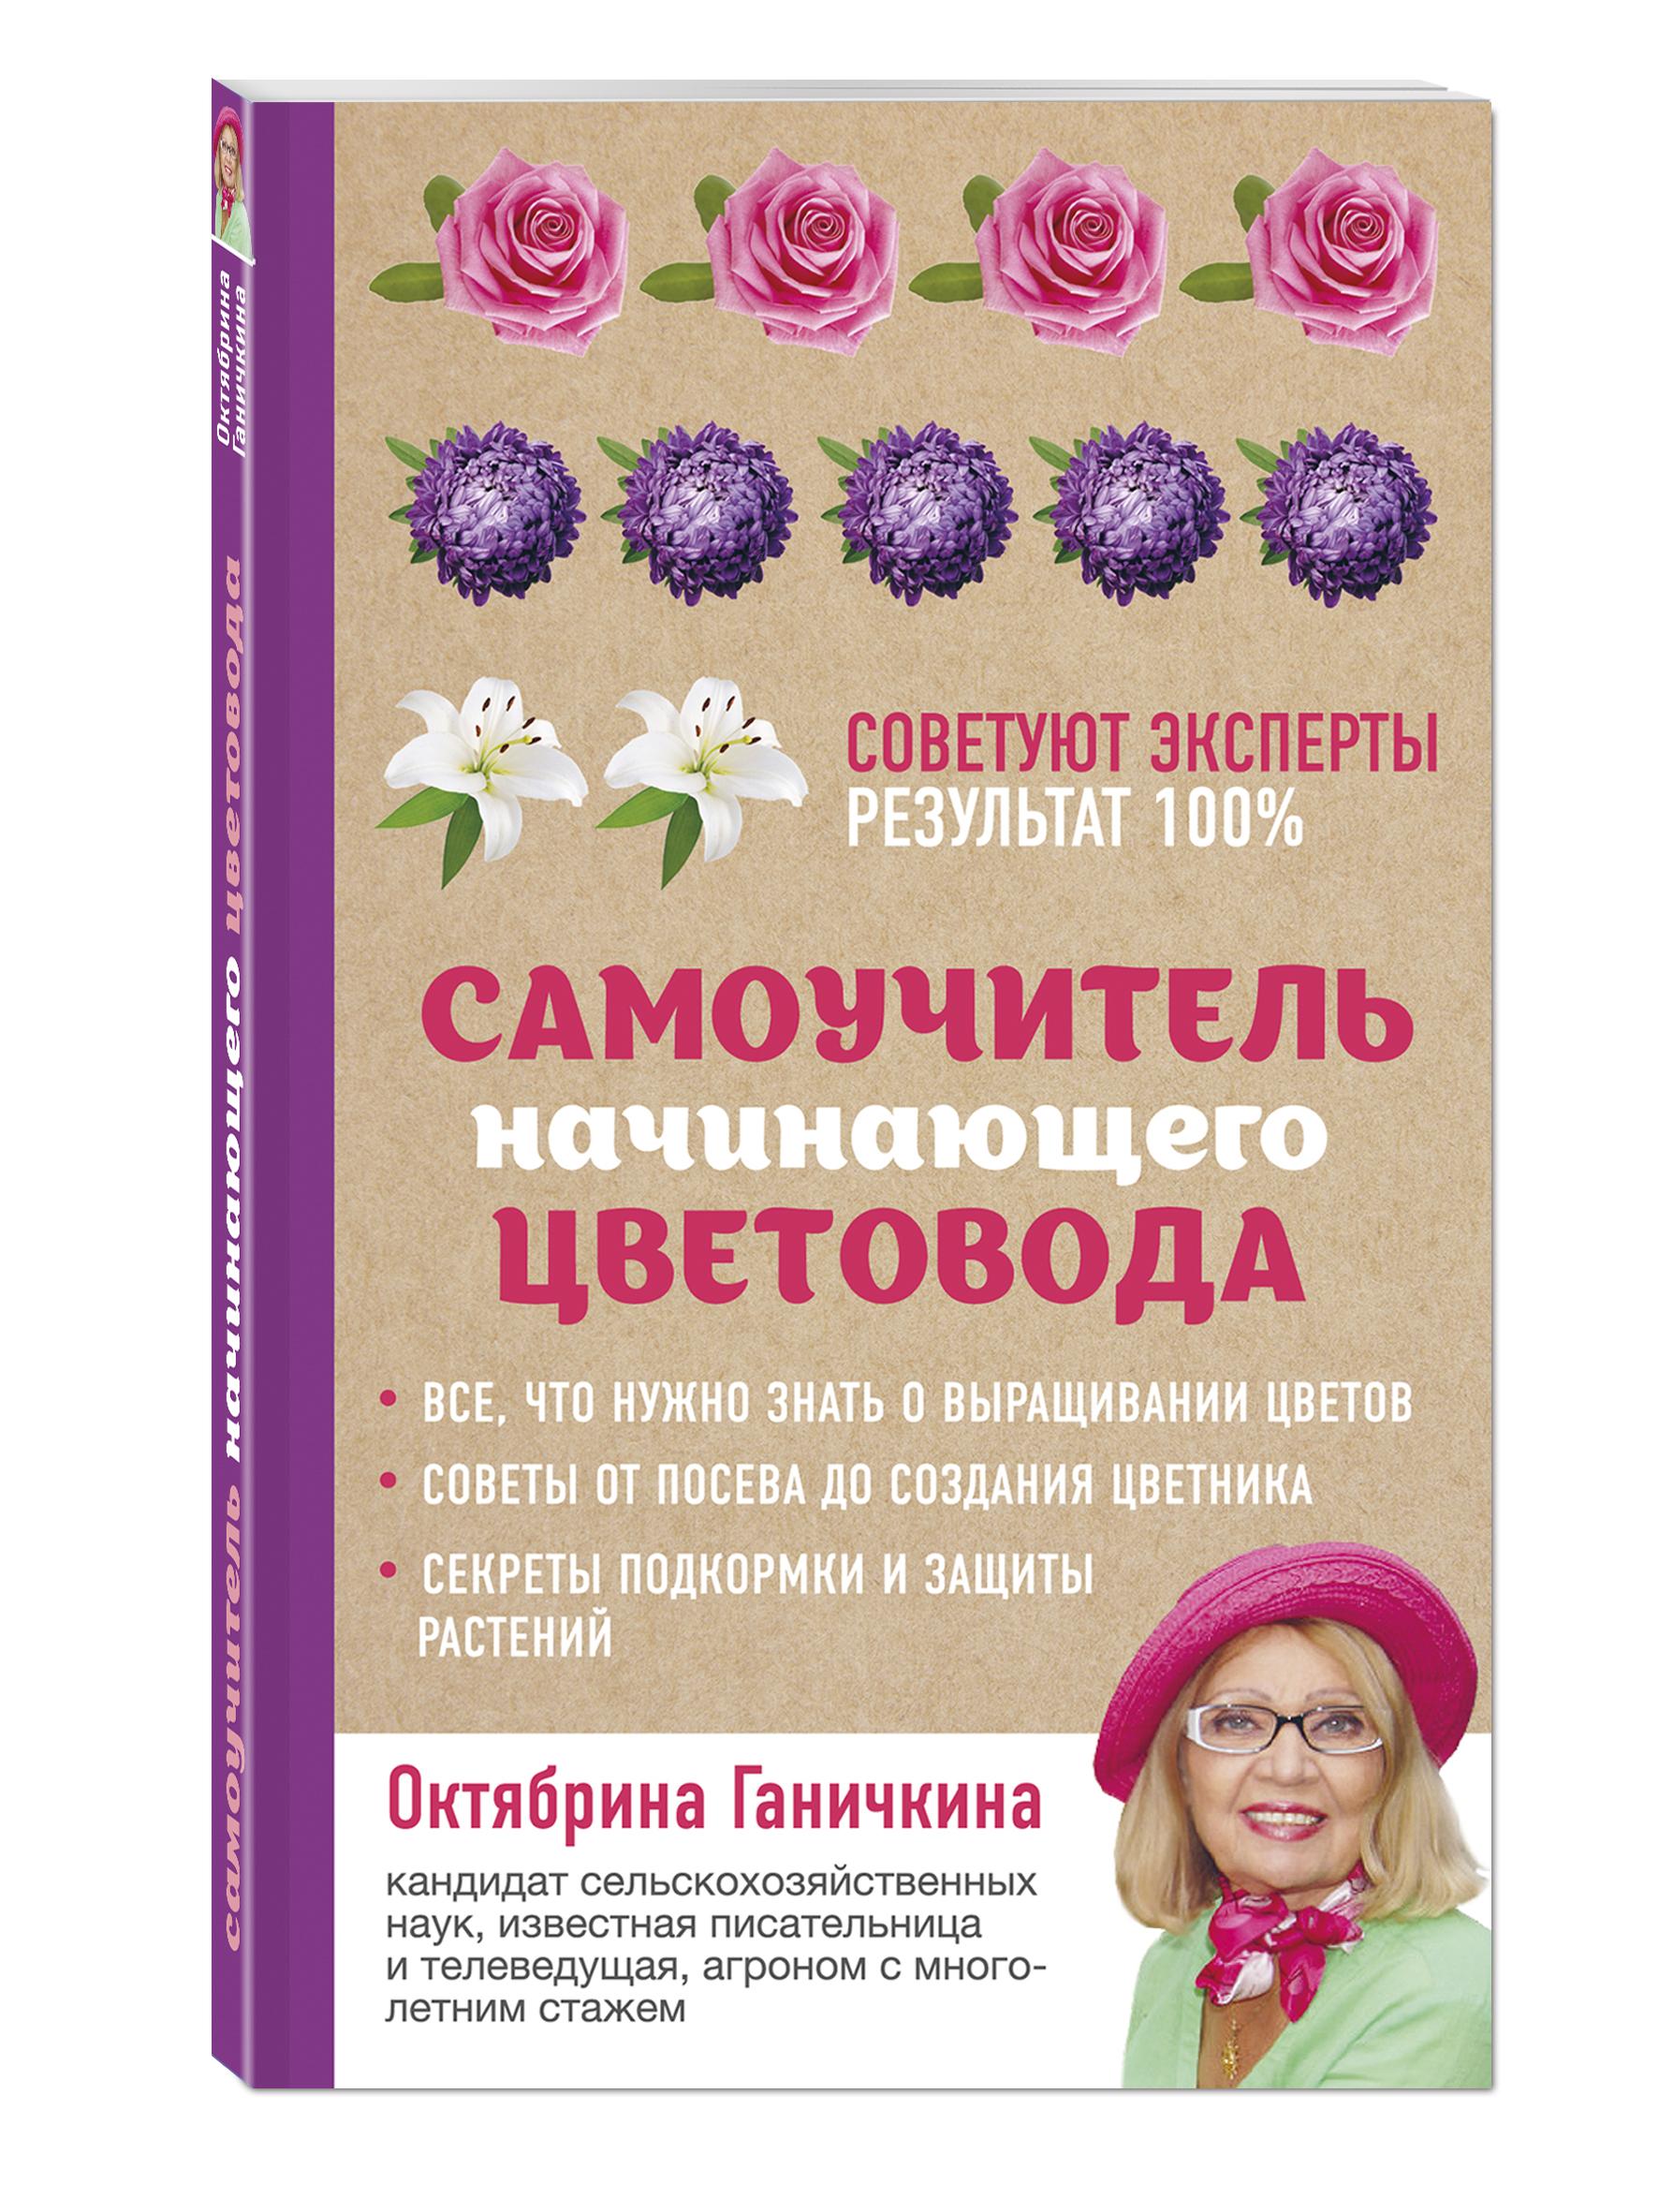 Октябрина Ганичкина, Александр Ганичкин Самоучитель начинающего цветовода